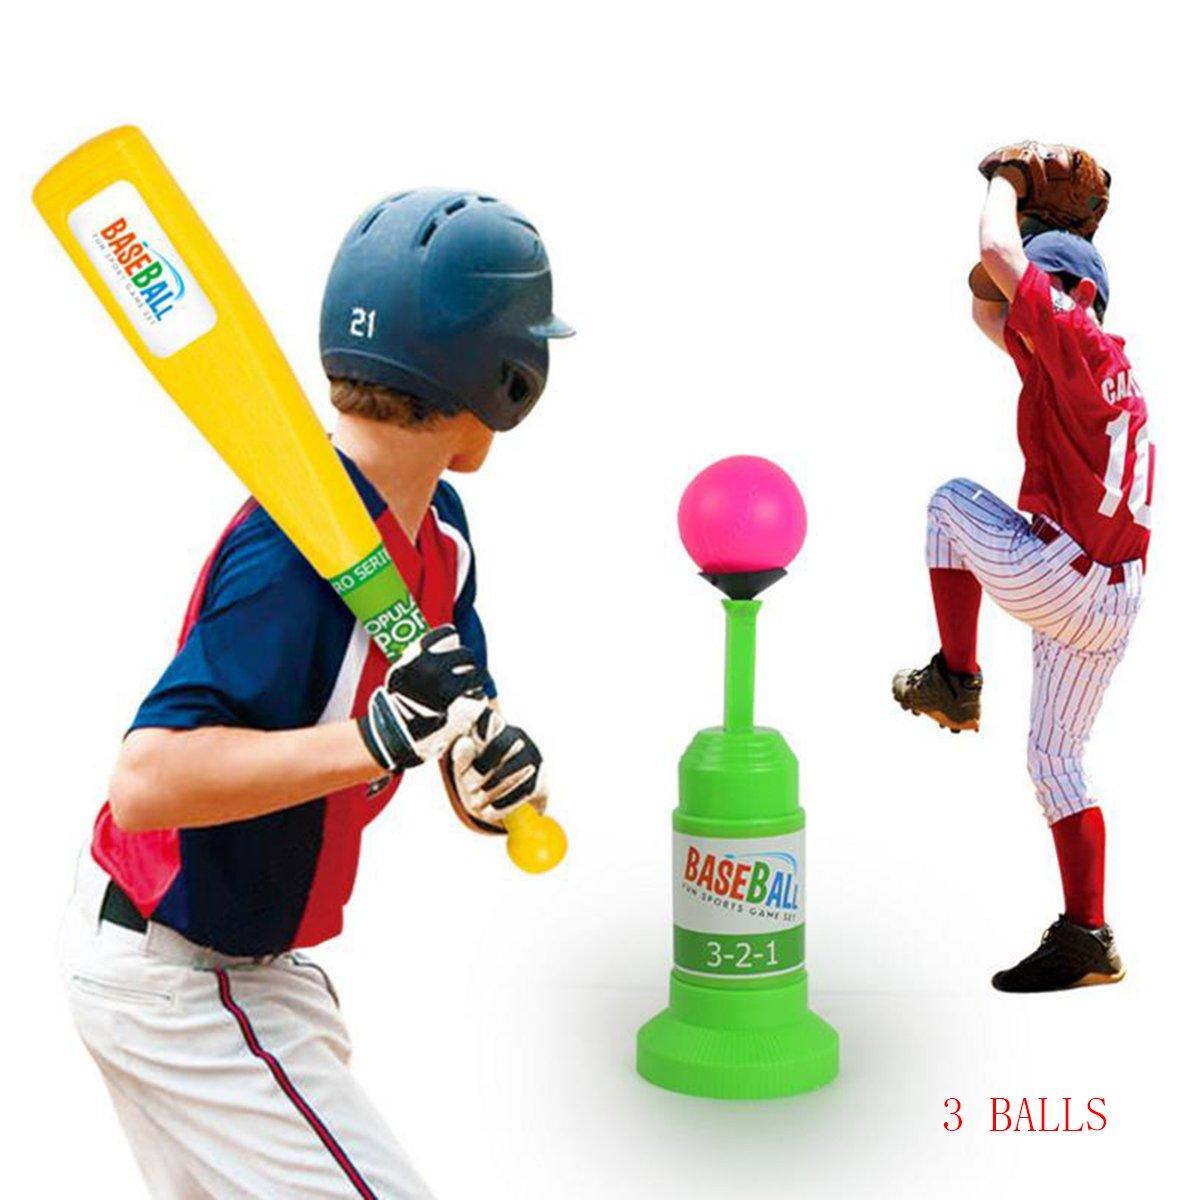 子供用野球トレーニングセット自動Launcher Baseball Batおもちゃ、インドアアウトドアスポーツ野球ゲームセットfor Children 3 + B07CZKHYL1